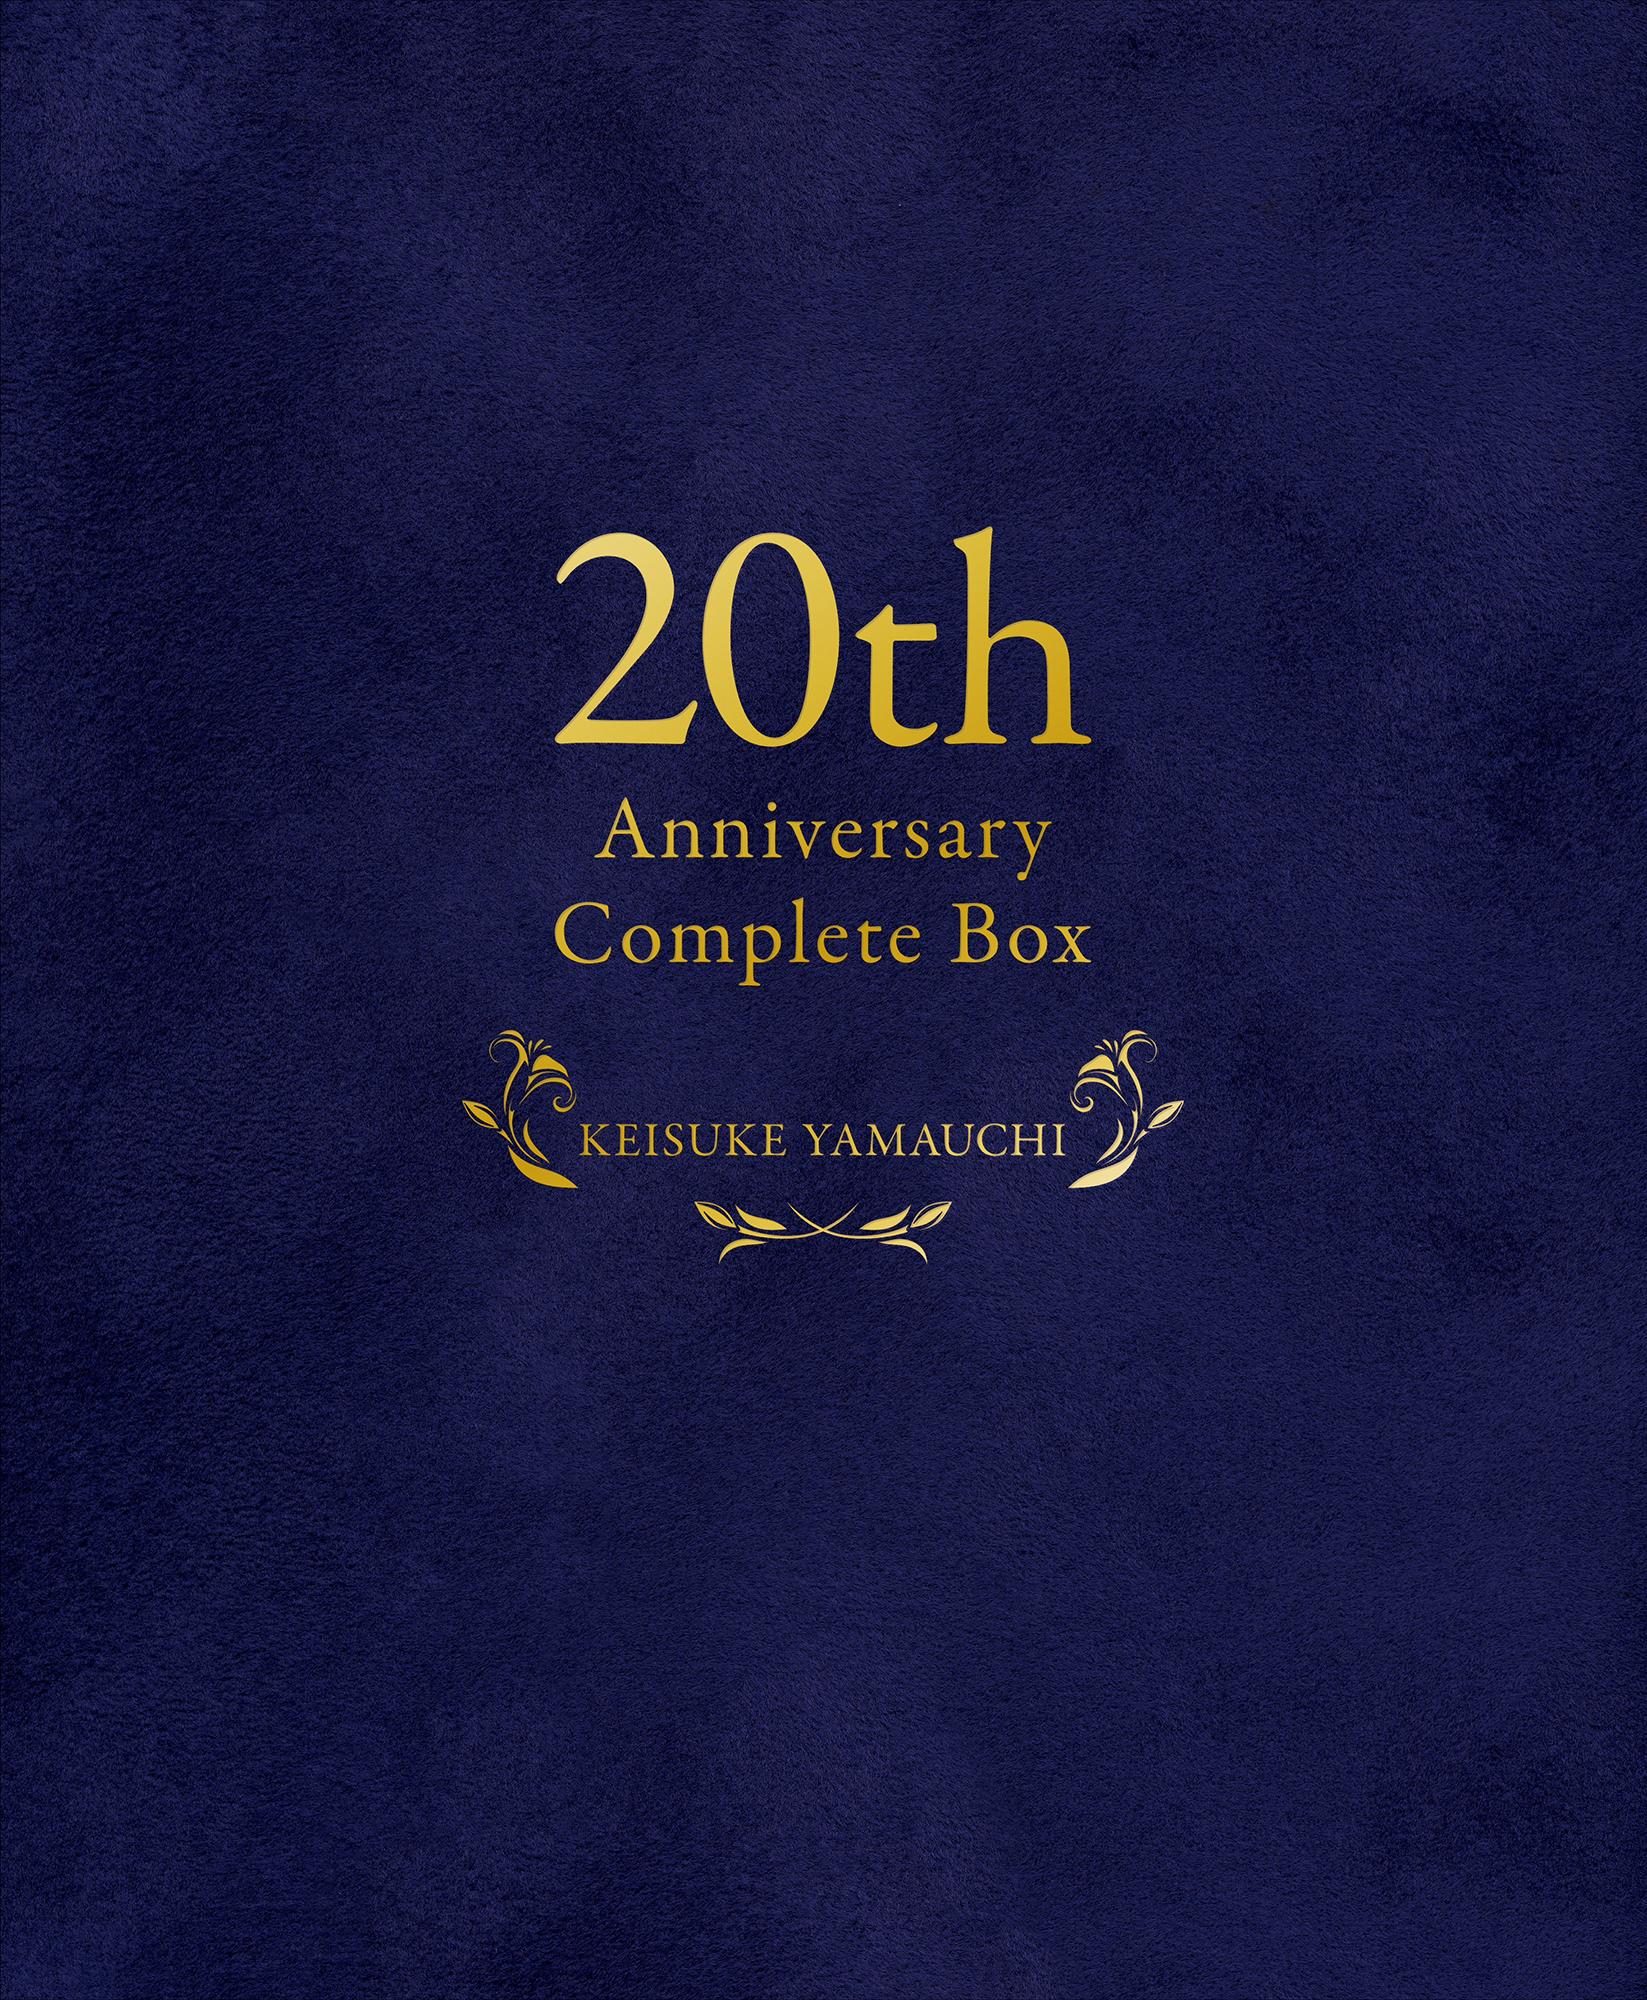 20th Anniversary Complete Box